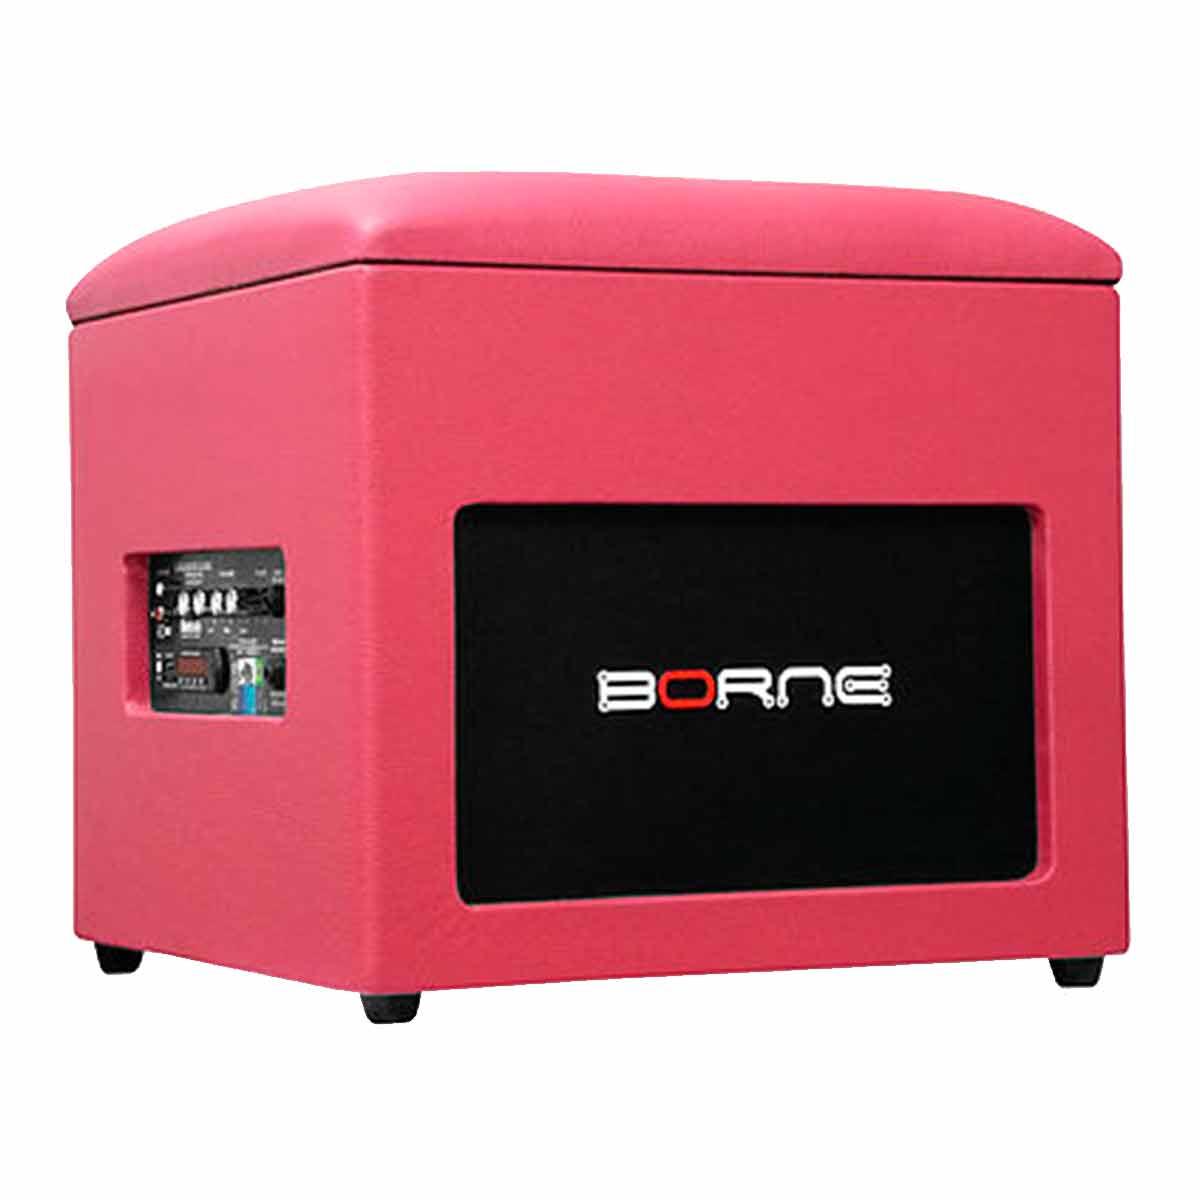 Caixa Ativa c/ Bluetooth e USB Lounge Cube Rosa - Borne